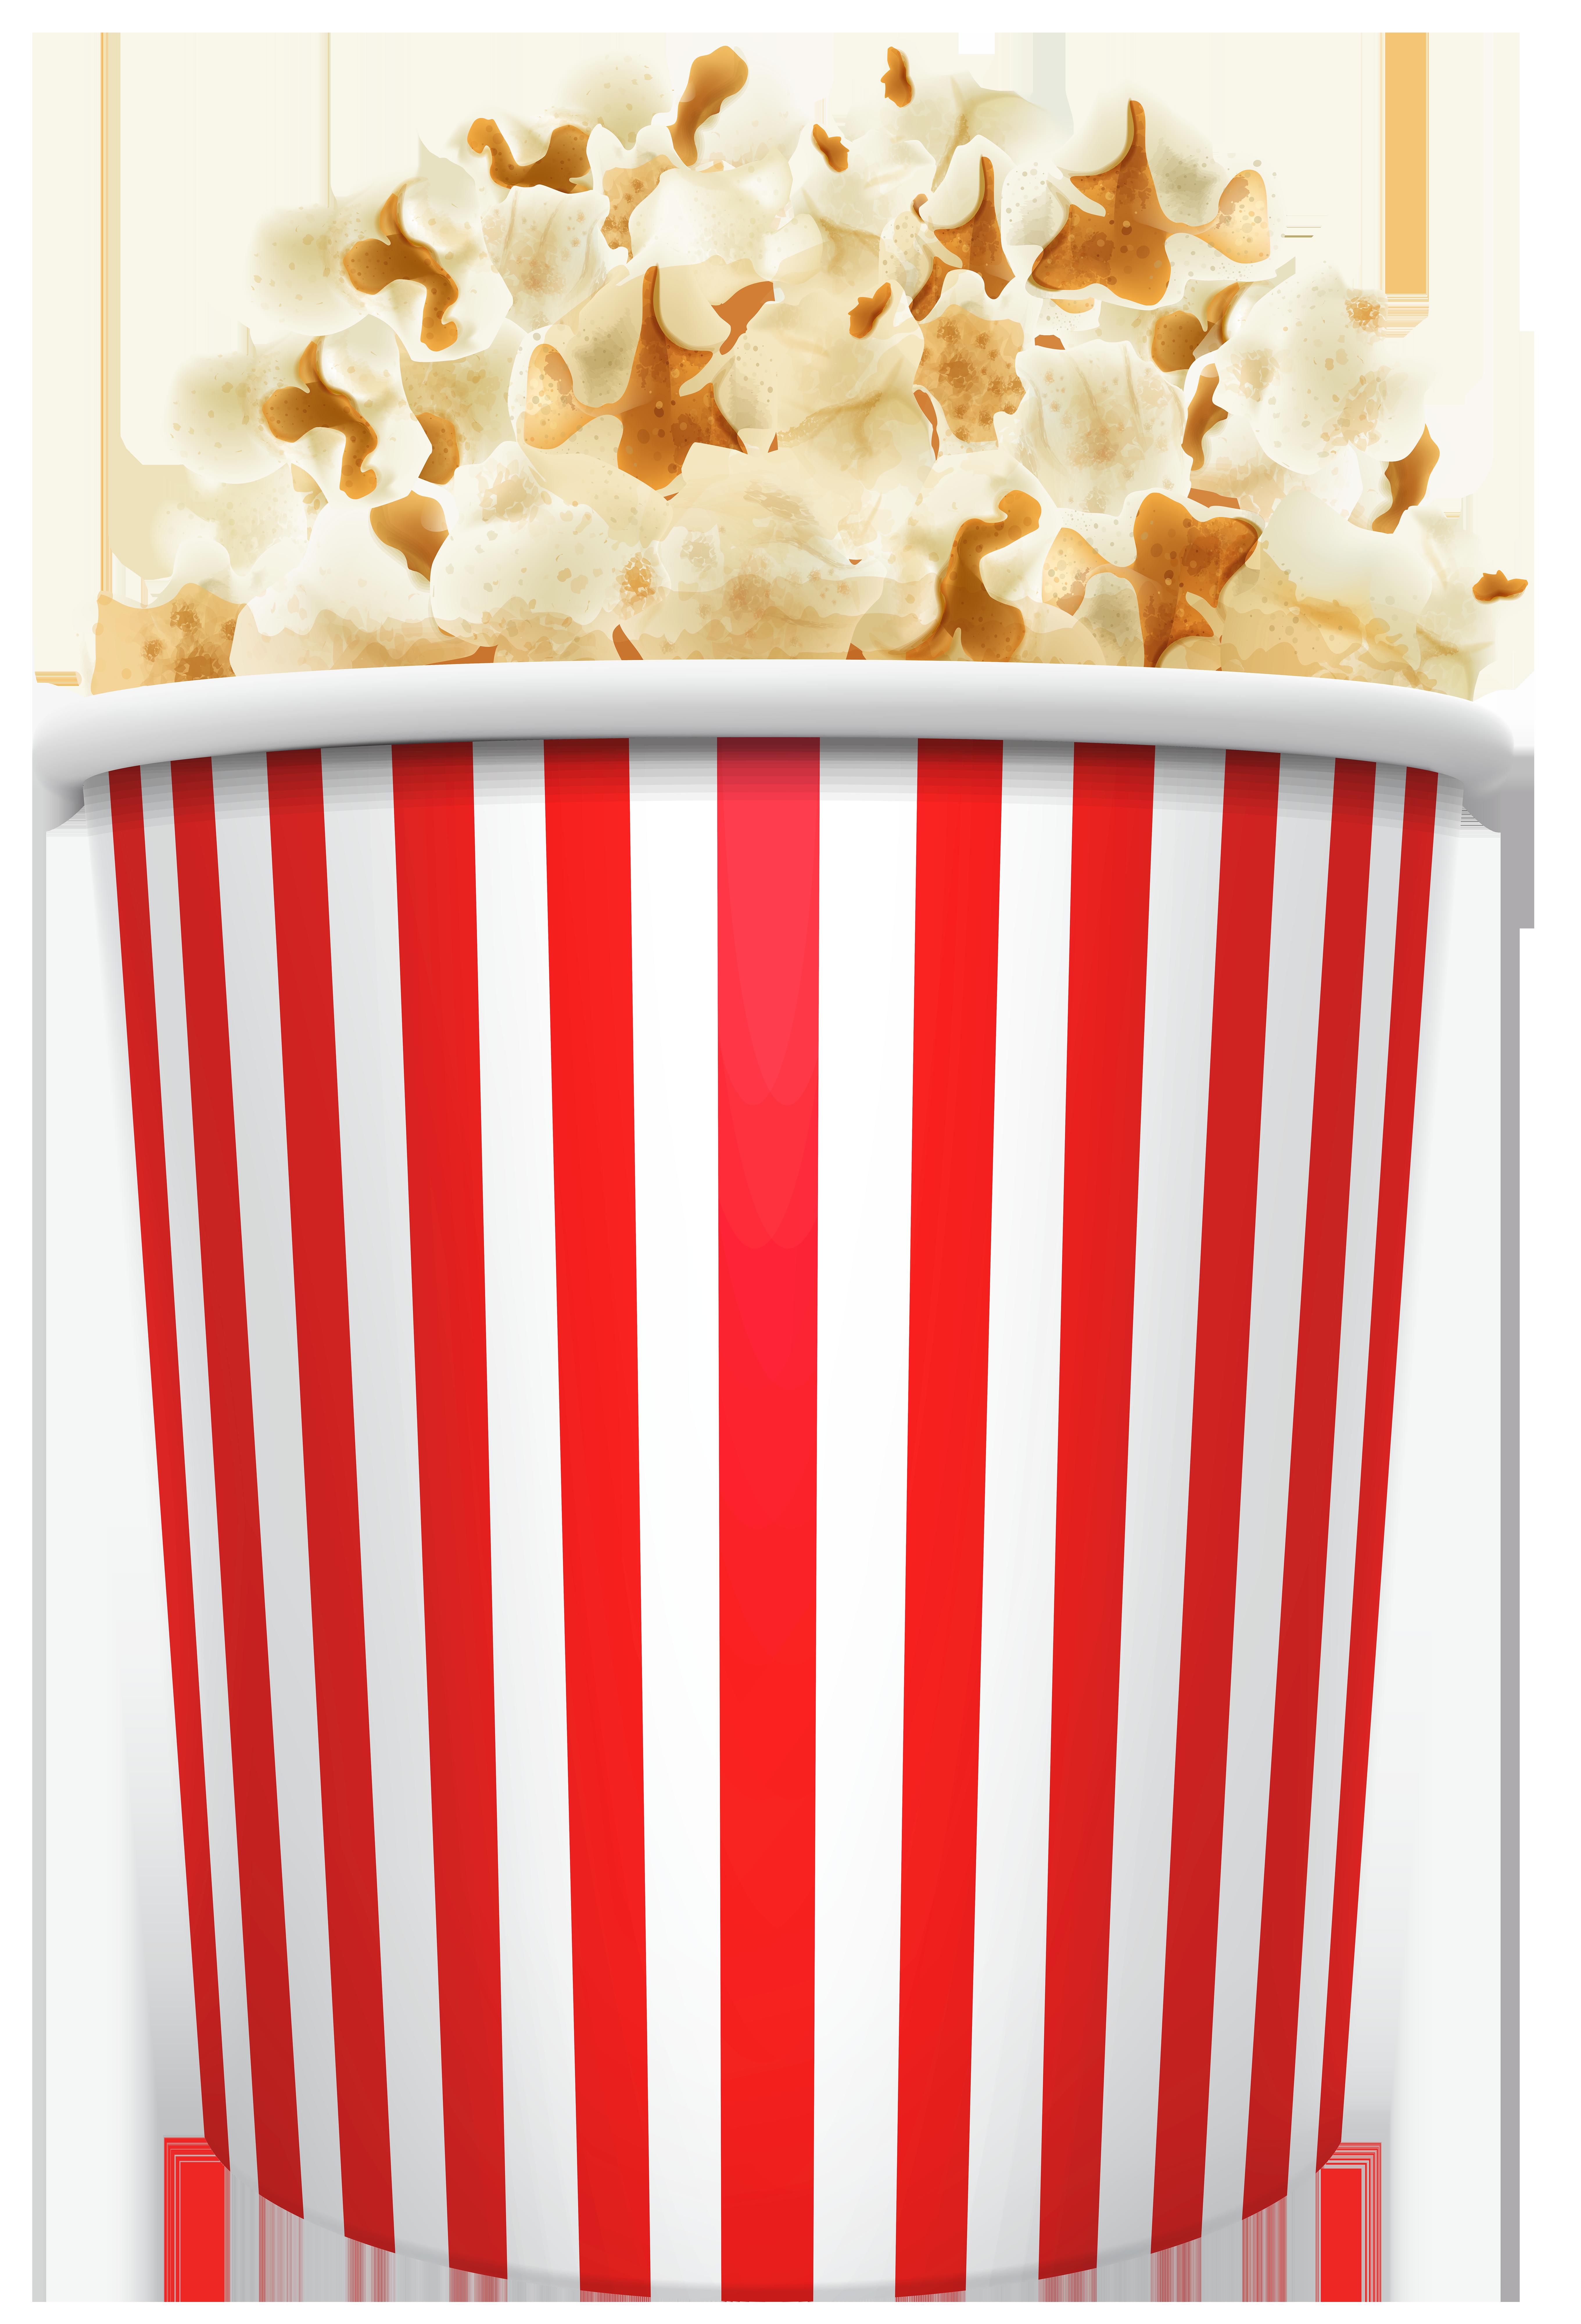 Popcorn Box PNG Clip Art.